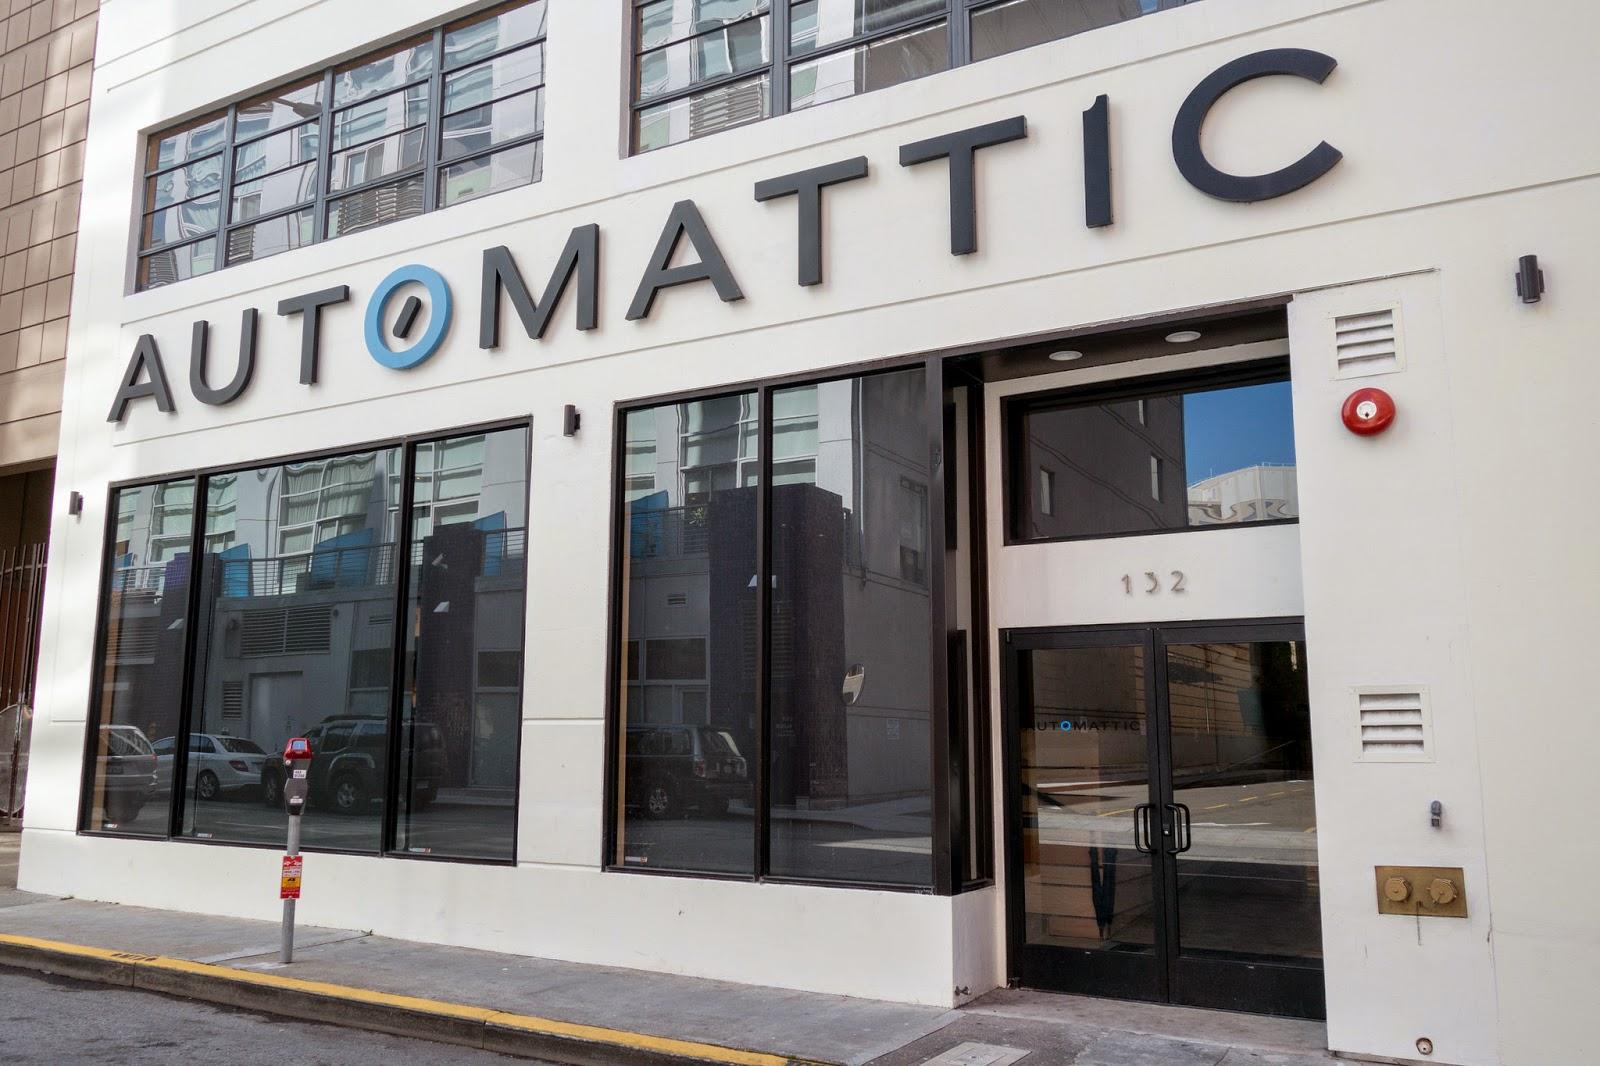 02-desain-ruang-kantor-automattic.com-tampak-luar-bangunan